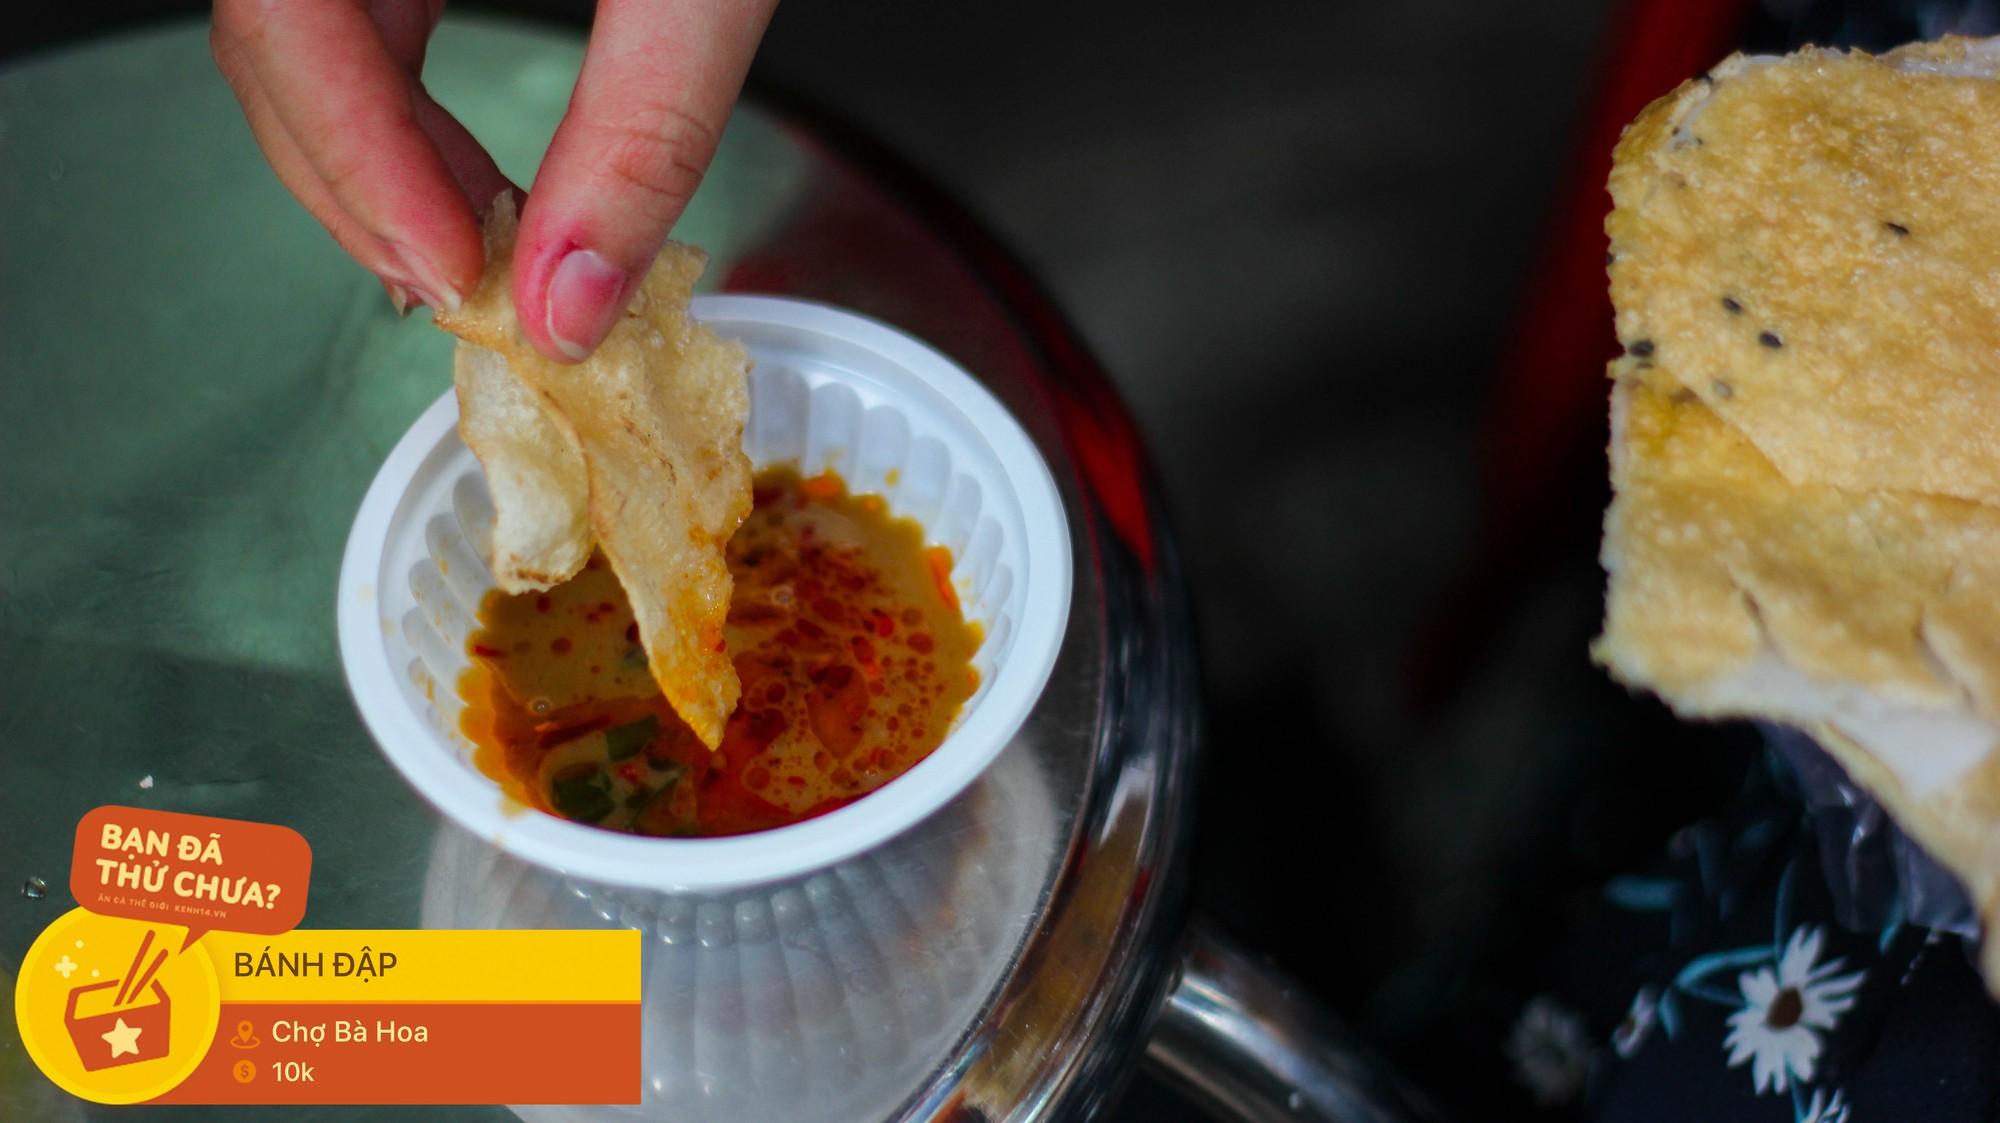 Những món ăn vặt miền Trung hiếm có khó tìm nhất định không thể bỏ lỡ khi đến chợ Bà Hoa - Ảnh 6.